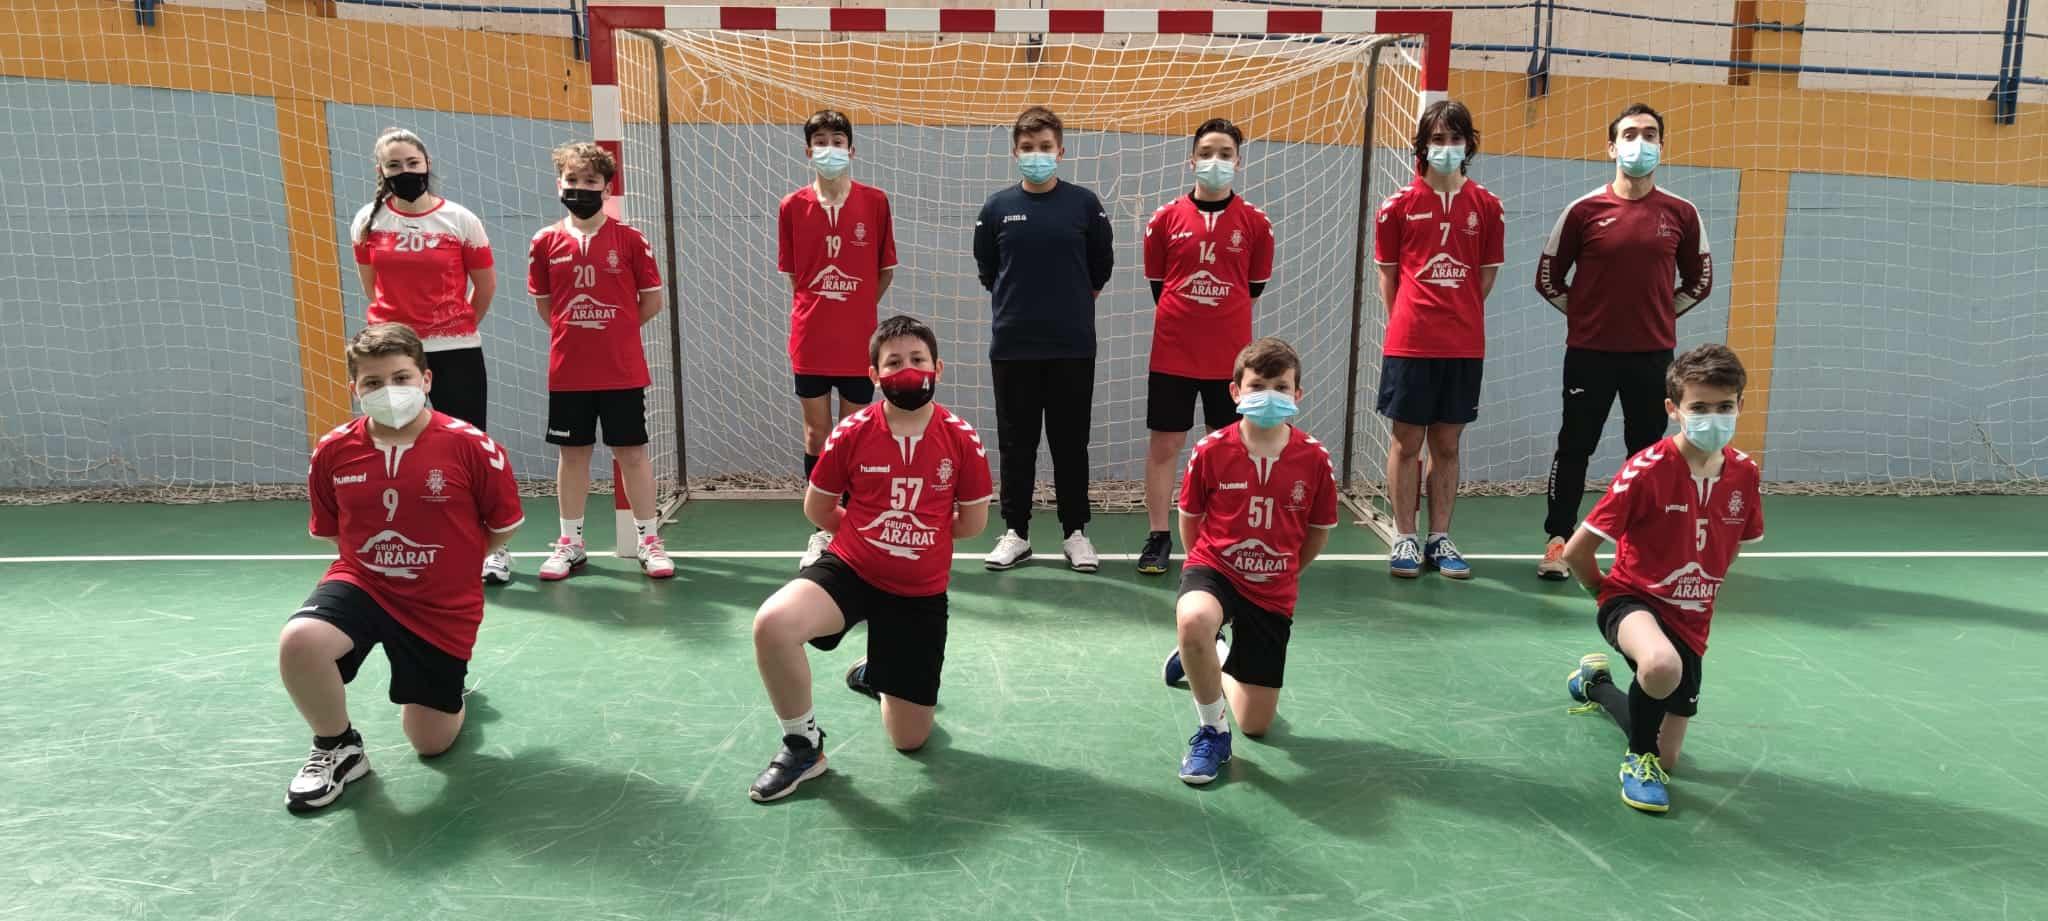 Balonmano en la semana del deporte escolar en Herencia 8